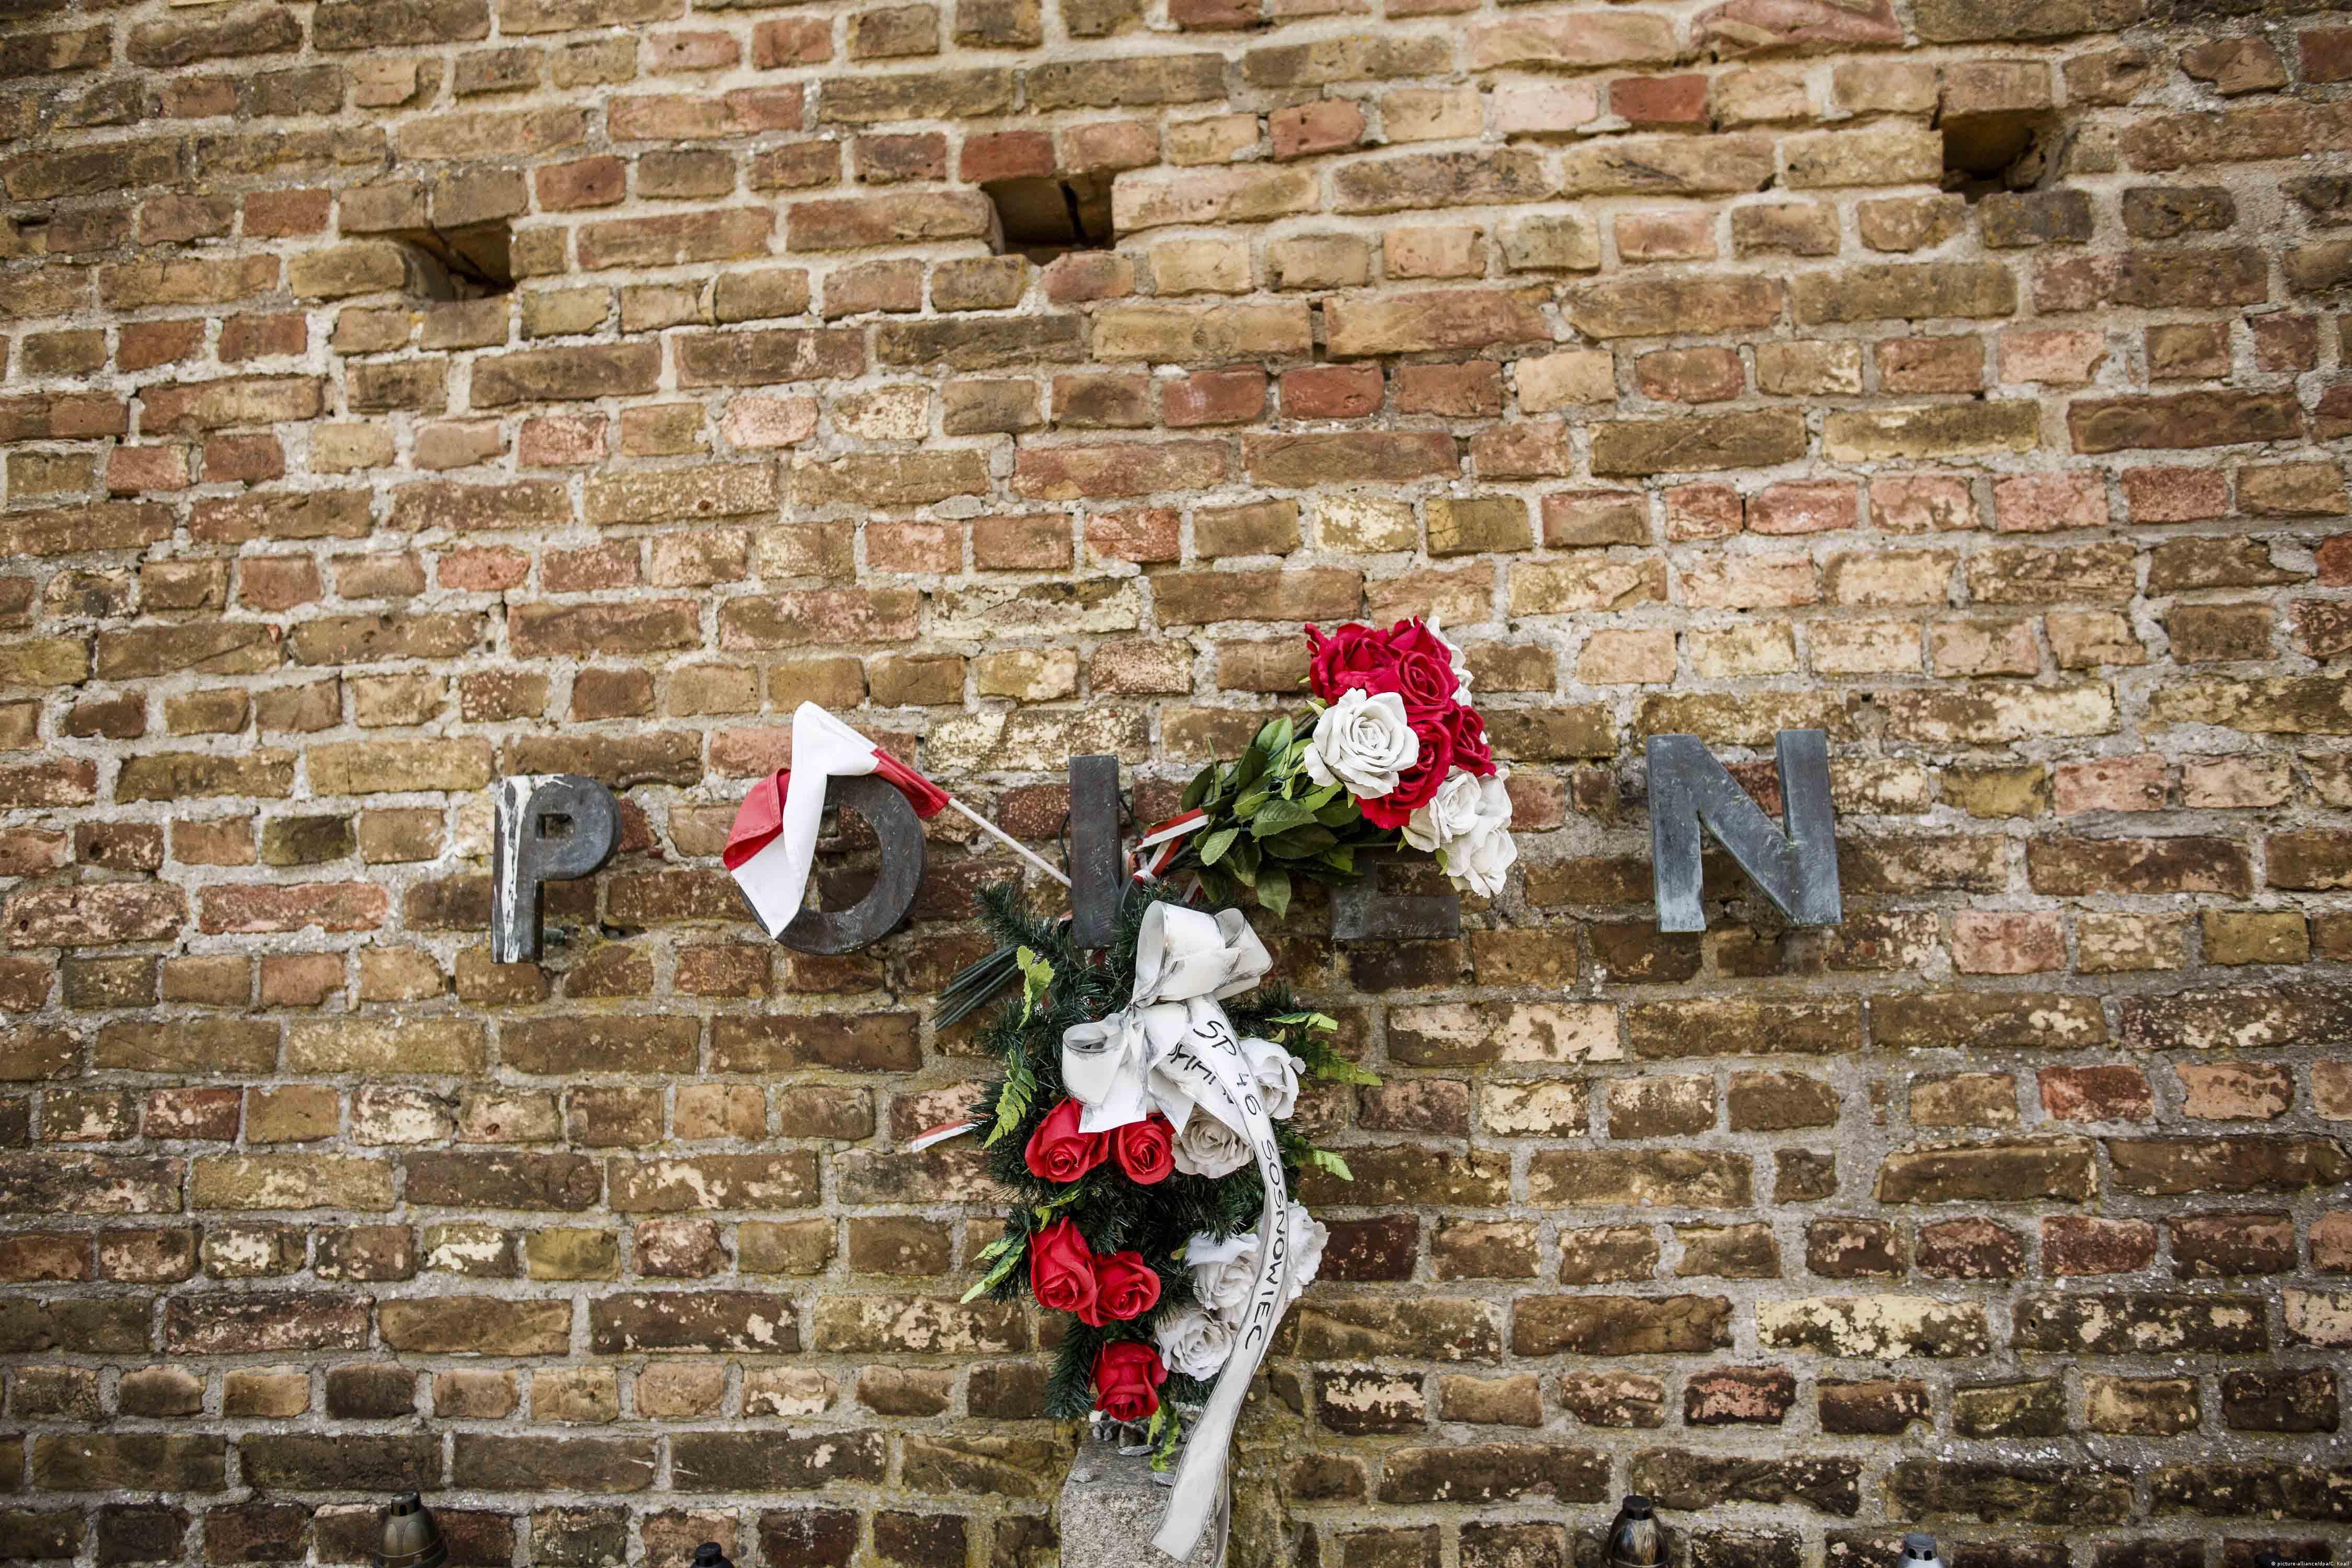 Hołd złożony pomordowanym Polkom na murze niemieckiego nazistowskiego obozu koncentracyjnego w Ravensbrück